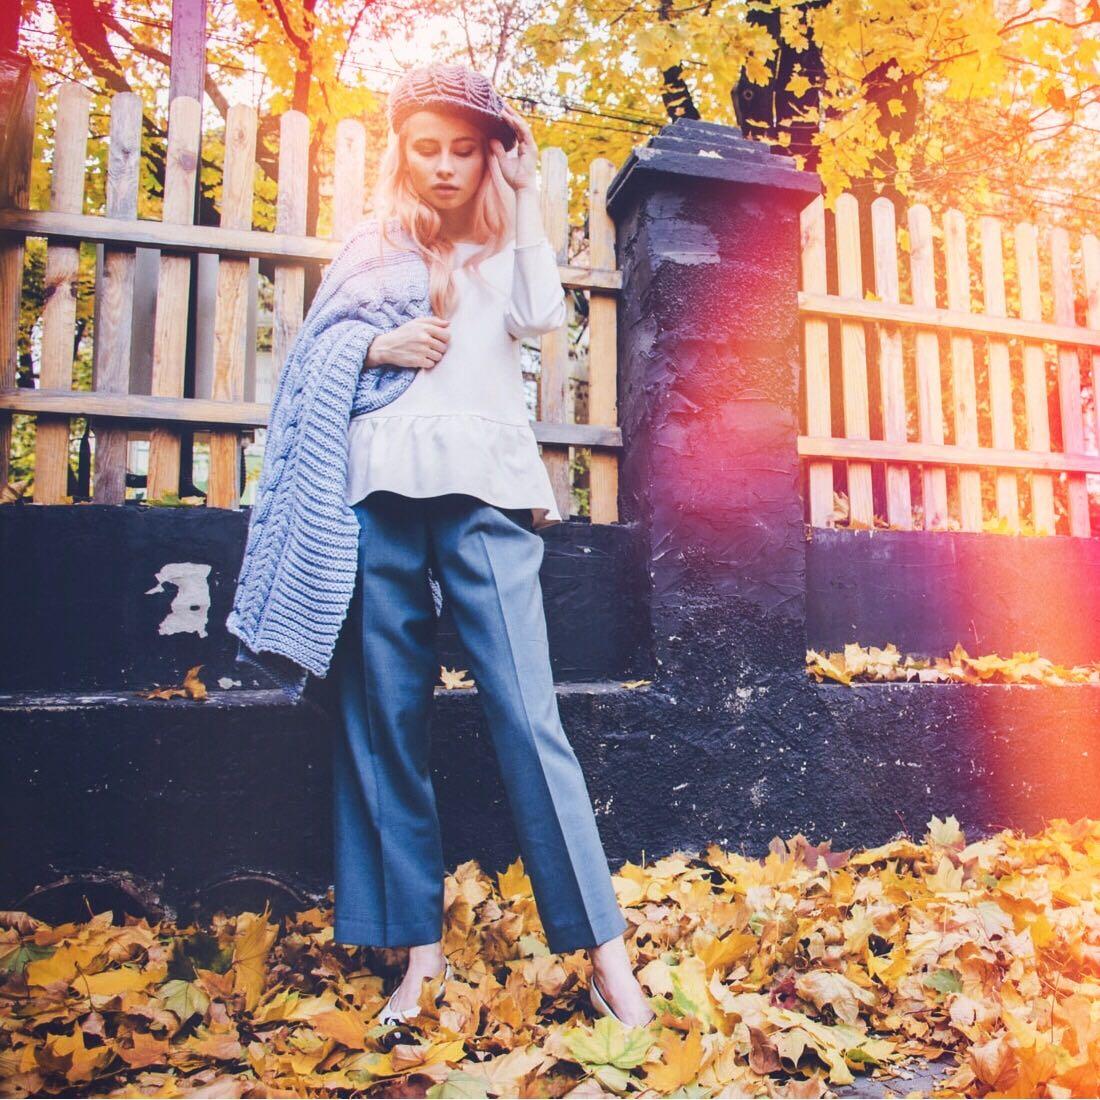 Fall fashion photo of blonde woman